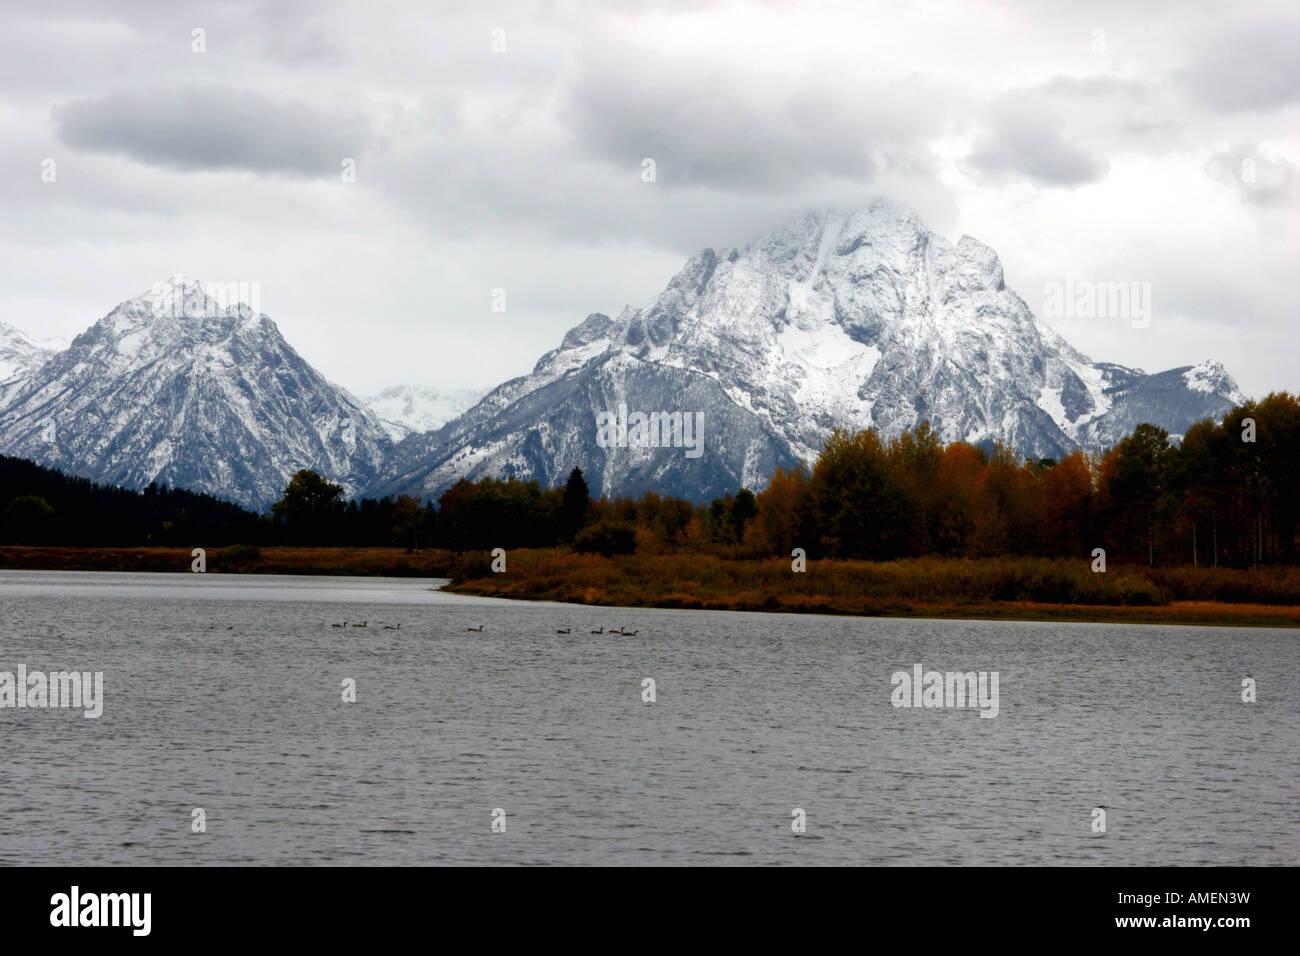 Mont moran de Oxbow Bend, parc national de Grand Teton, Wyoming Banque D'Images